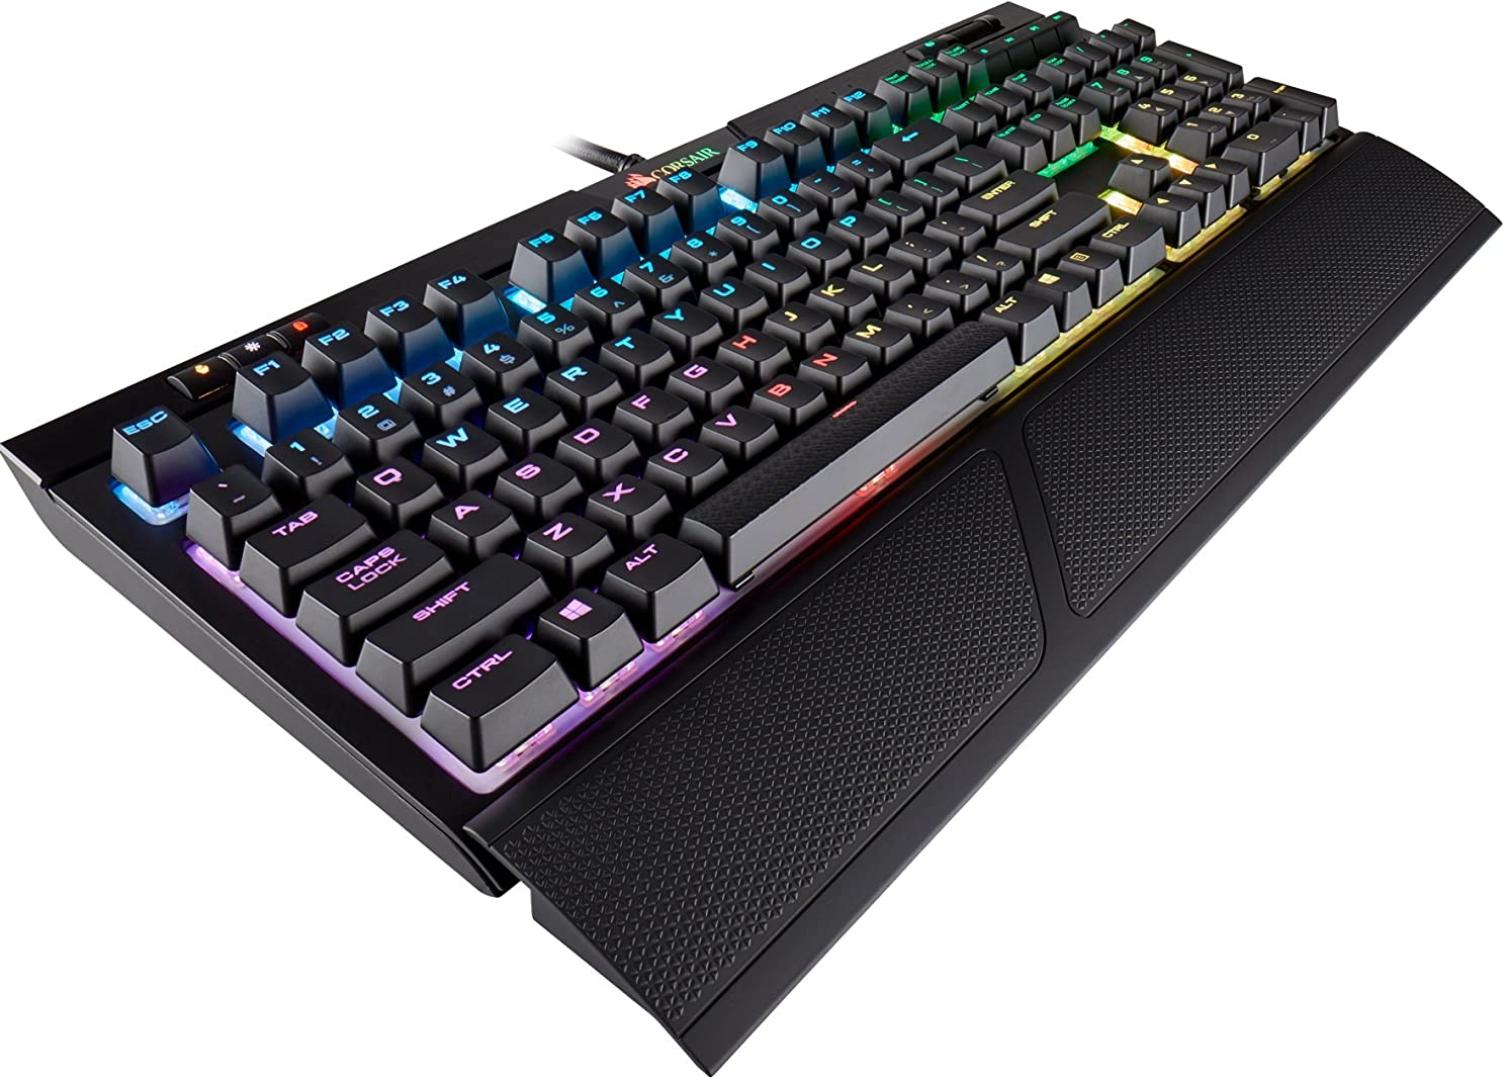 Corsair Strafe MK2 RGB Gaming Keyboard